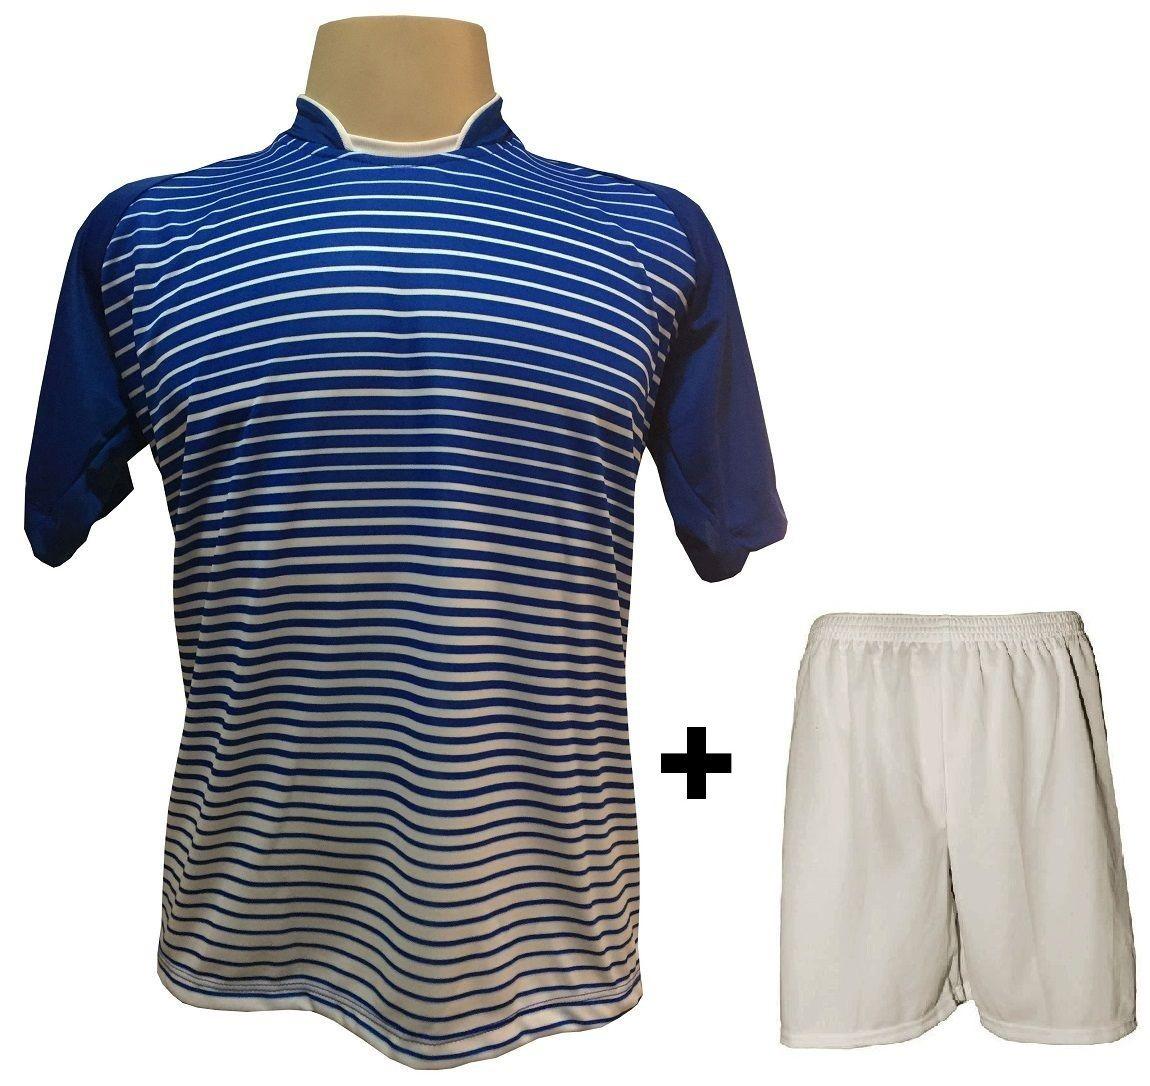 Uniforme Esportivo com 12 camisas modelo City Royal/Branco + 12 calções modelo Madrid Branco + Brindes